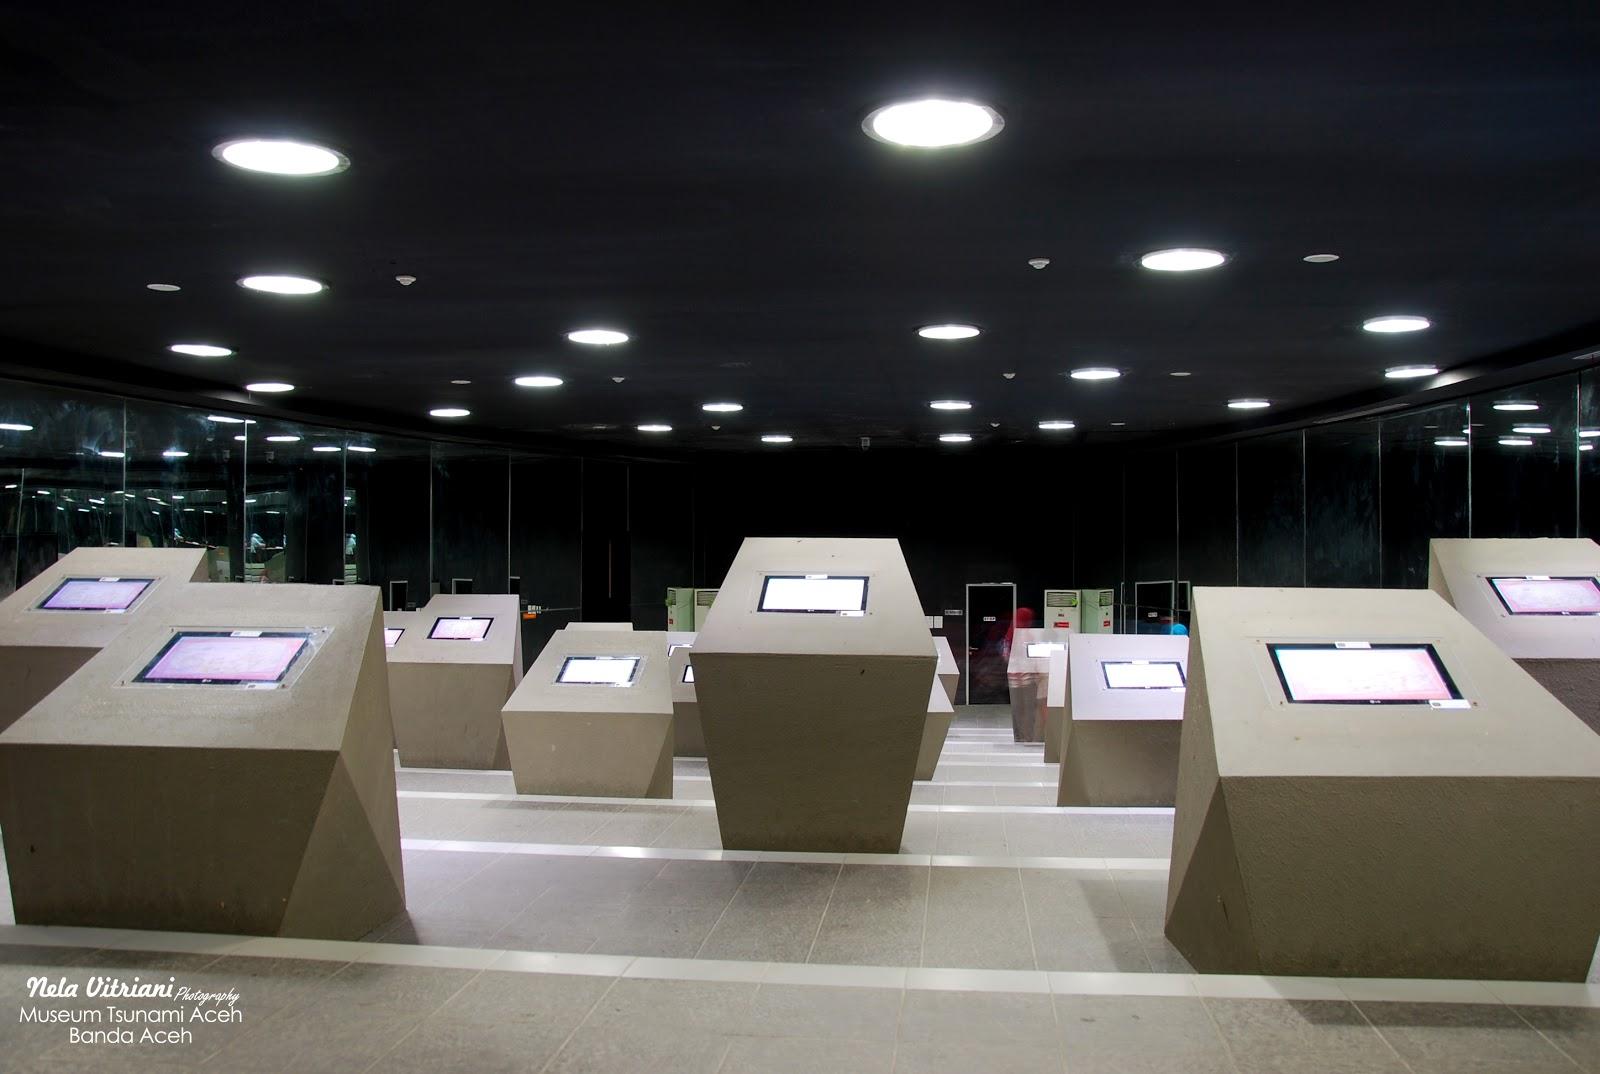 Museum Tsunami Aceh Galeri Foto Negeri Kota Banda